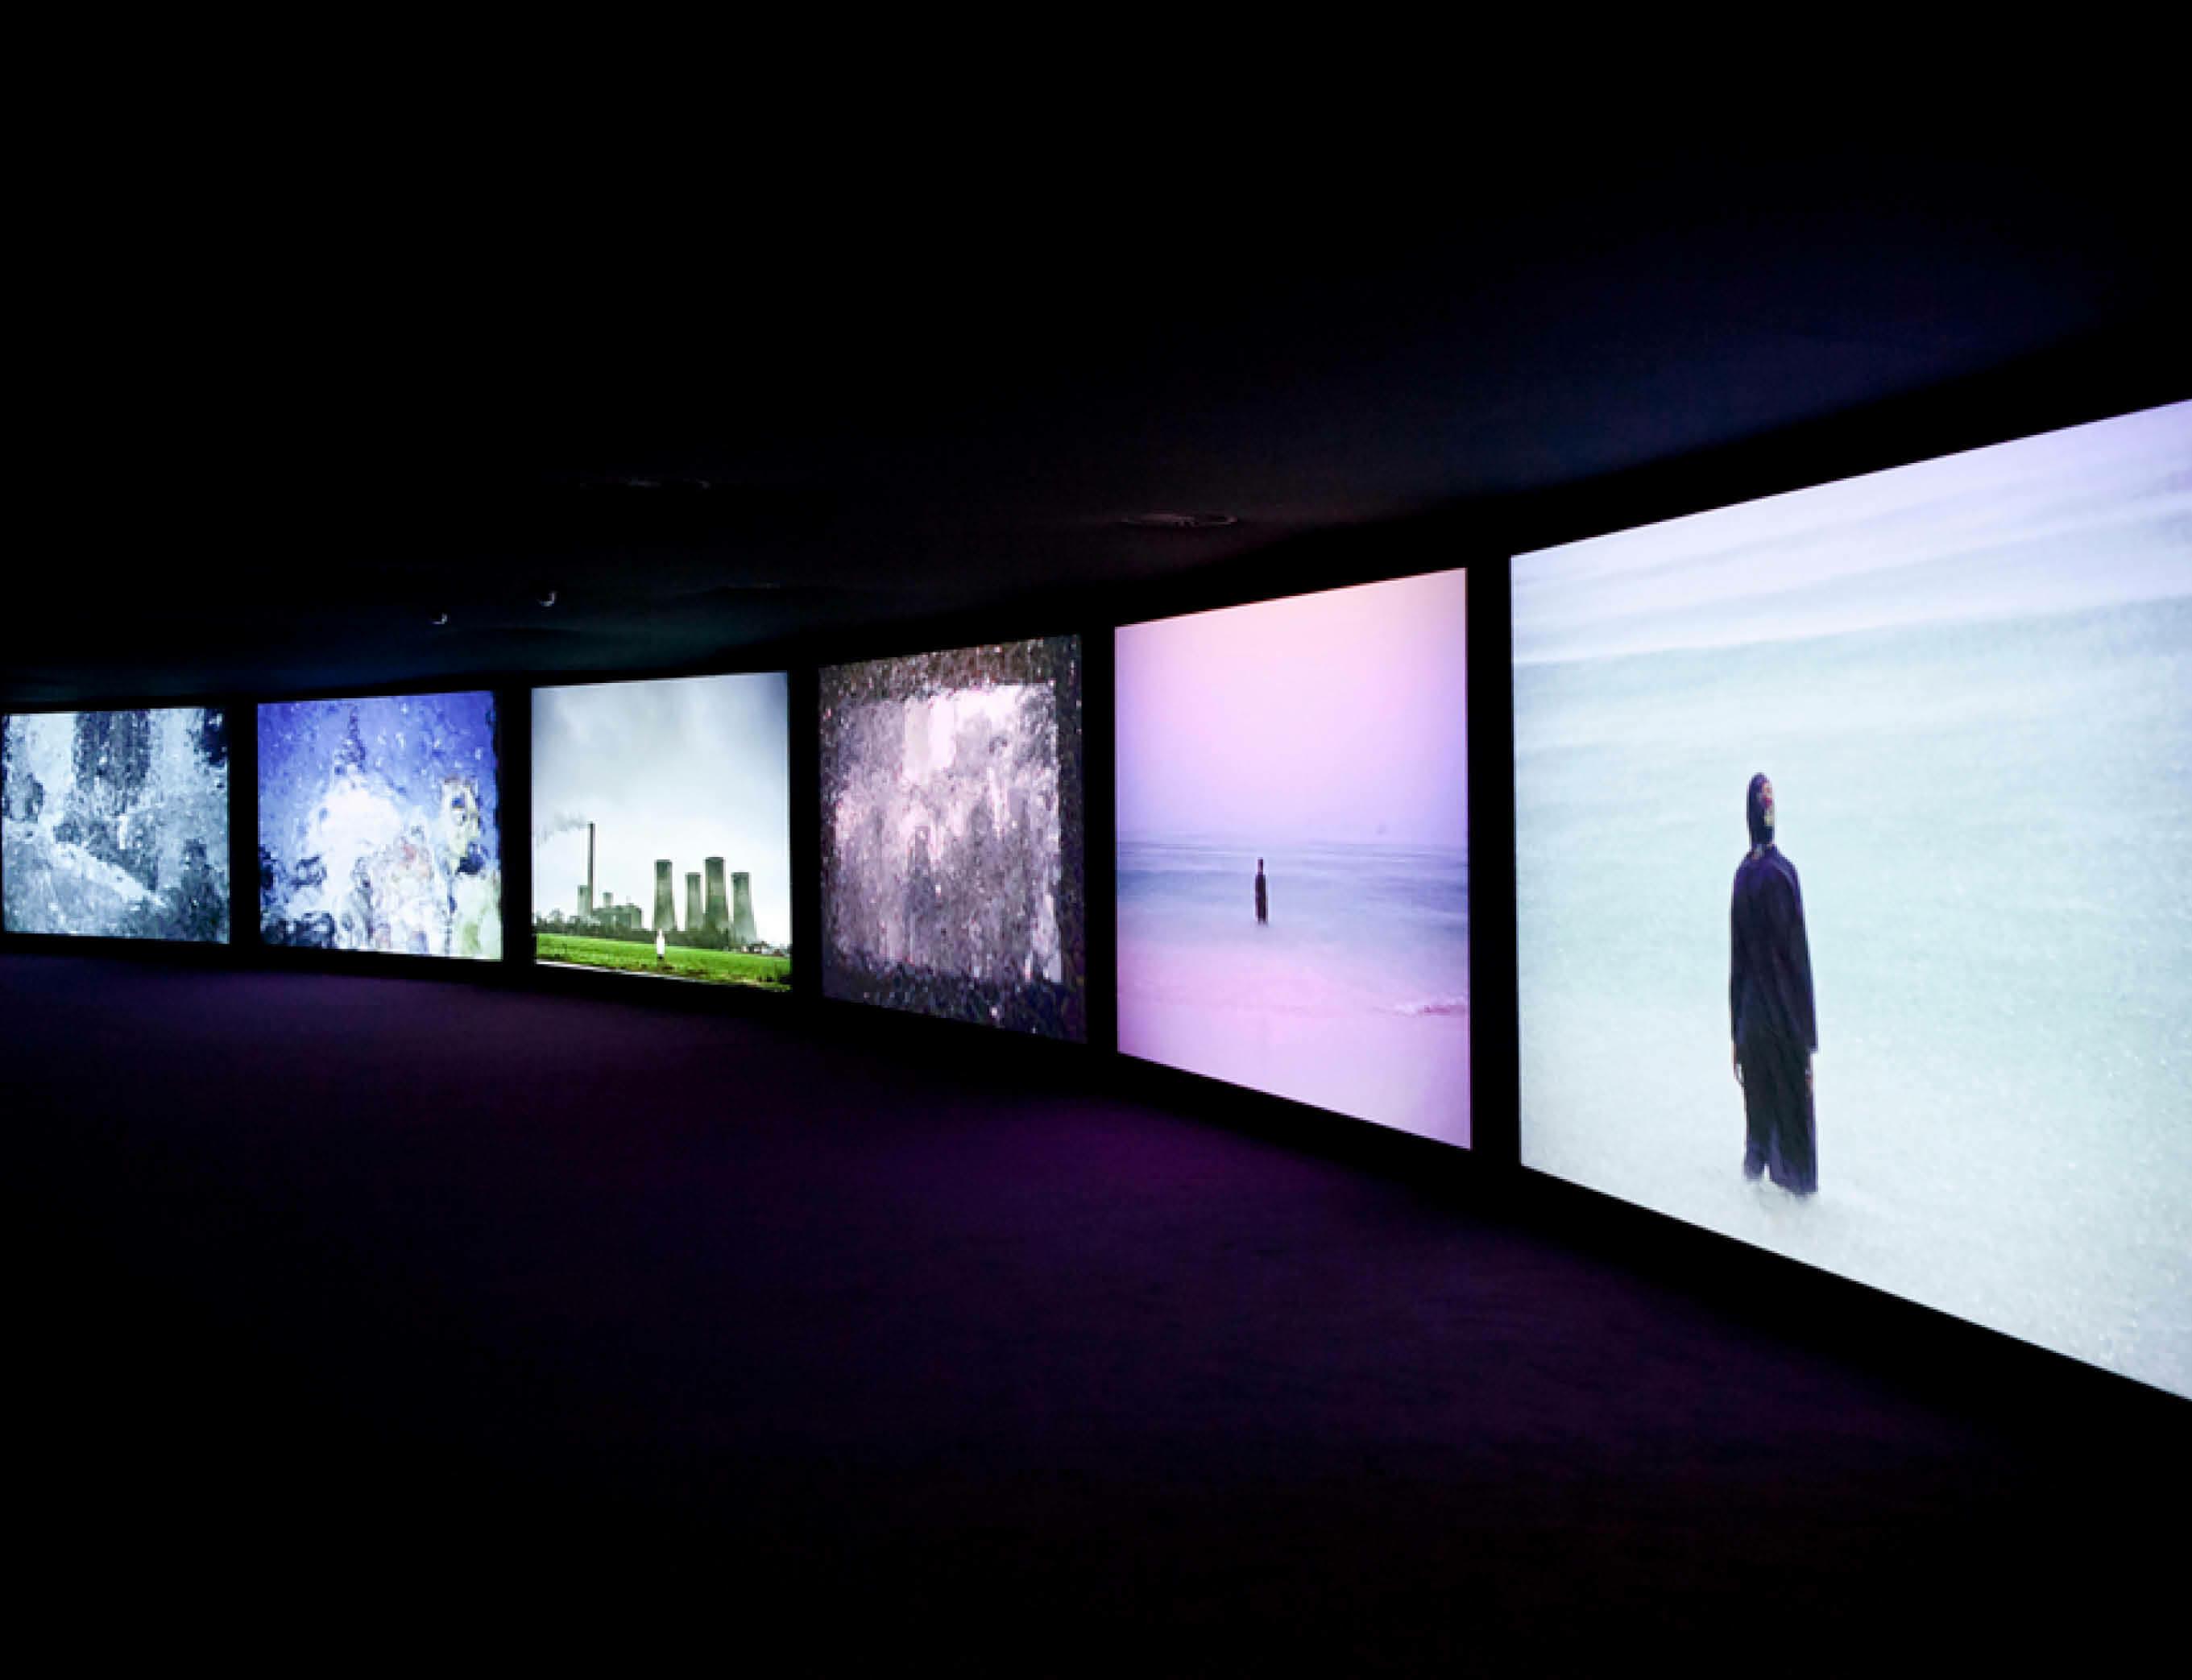 Bildmuseet Follows Its Presentation Of Akomfrahs Vertigo Sea With Sequel